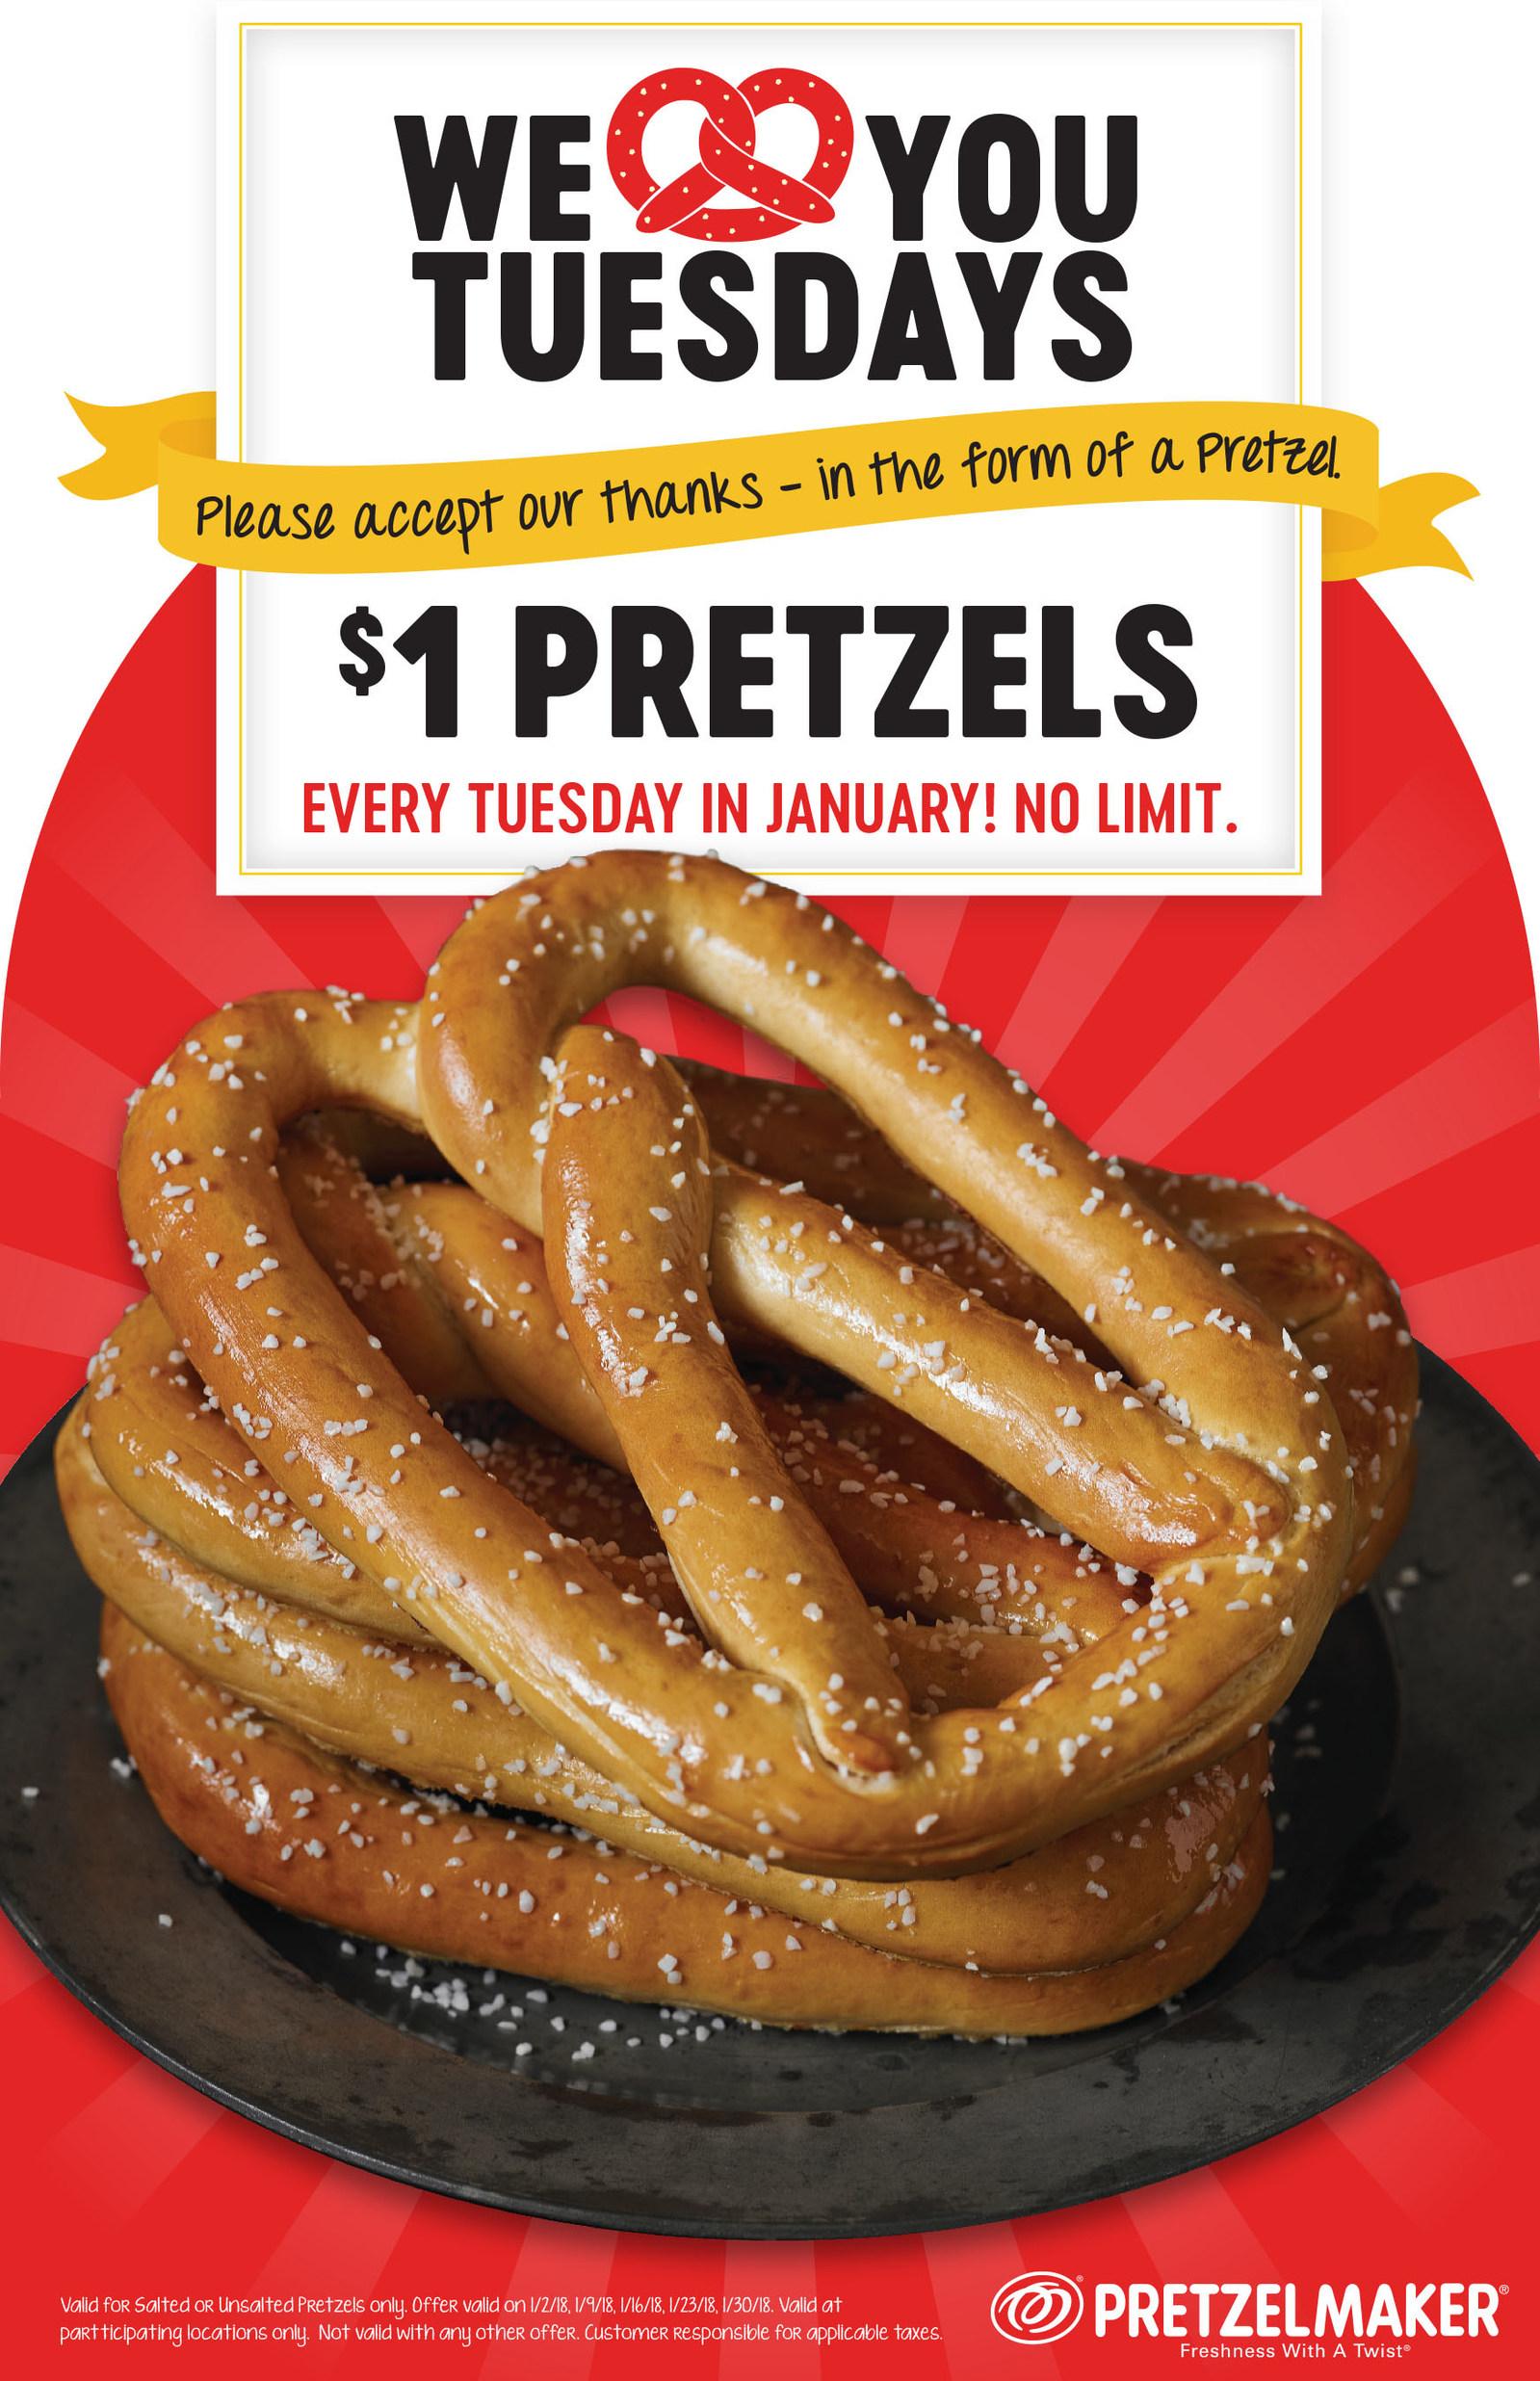 Pretzelmaker Coupon January 2019 $1 pretzels Tuesdays in January at Pretzelmaker